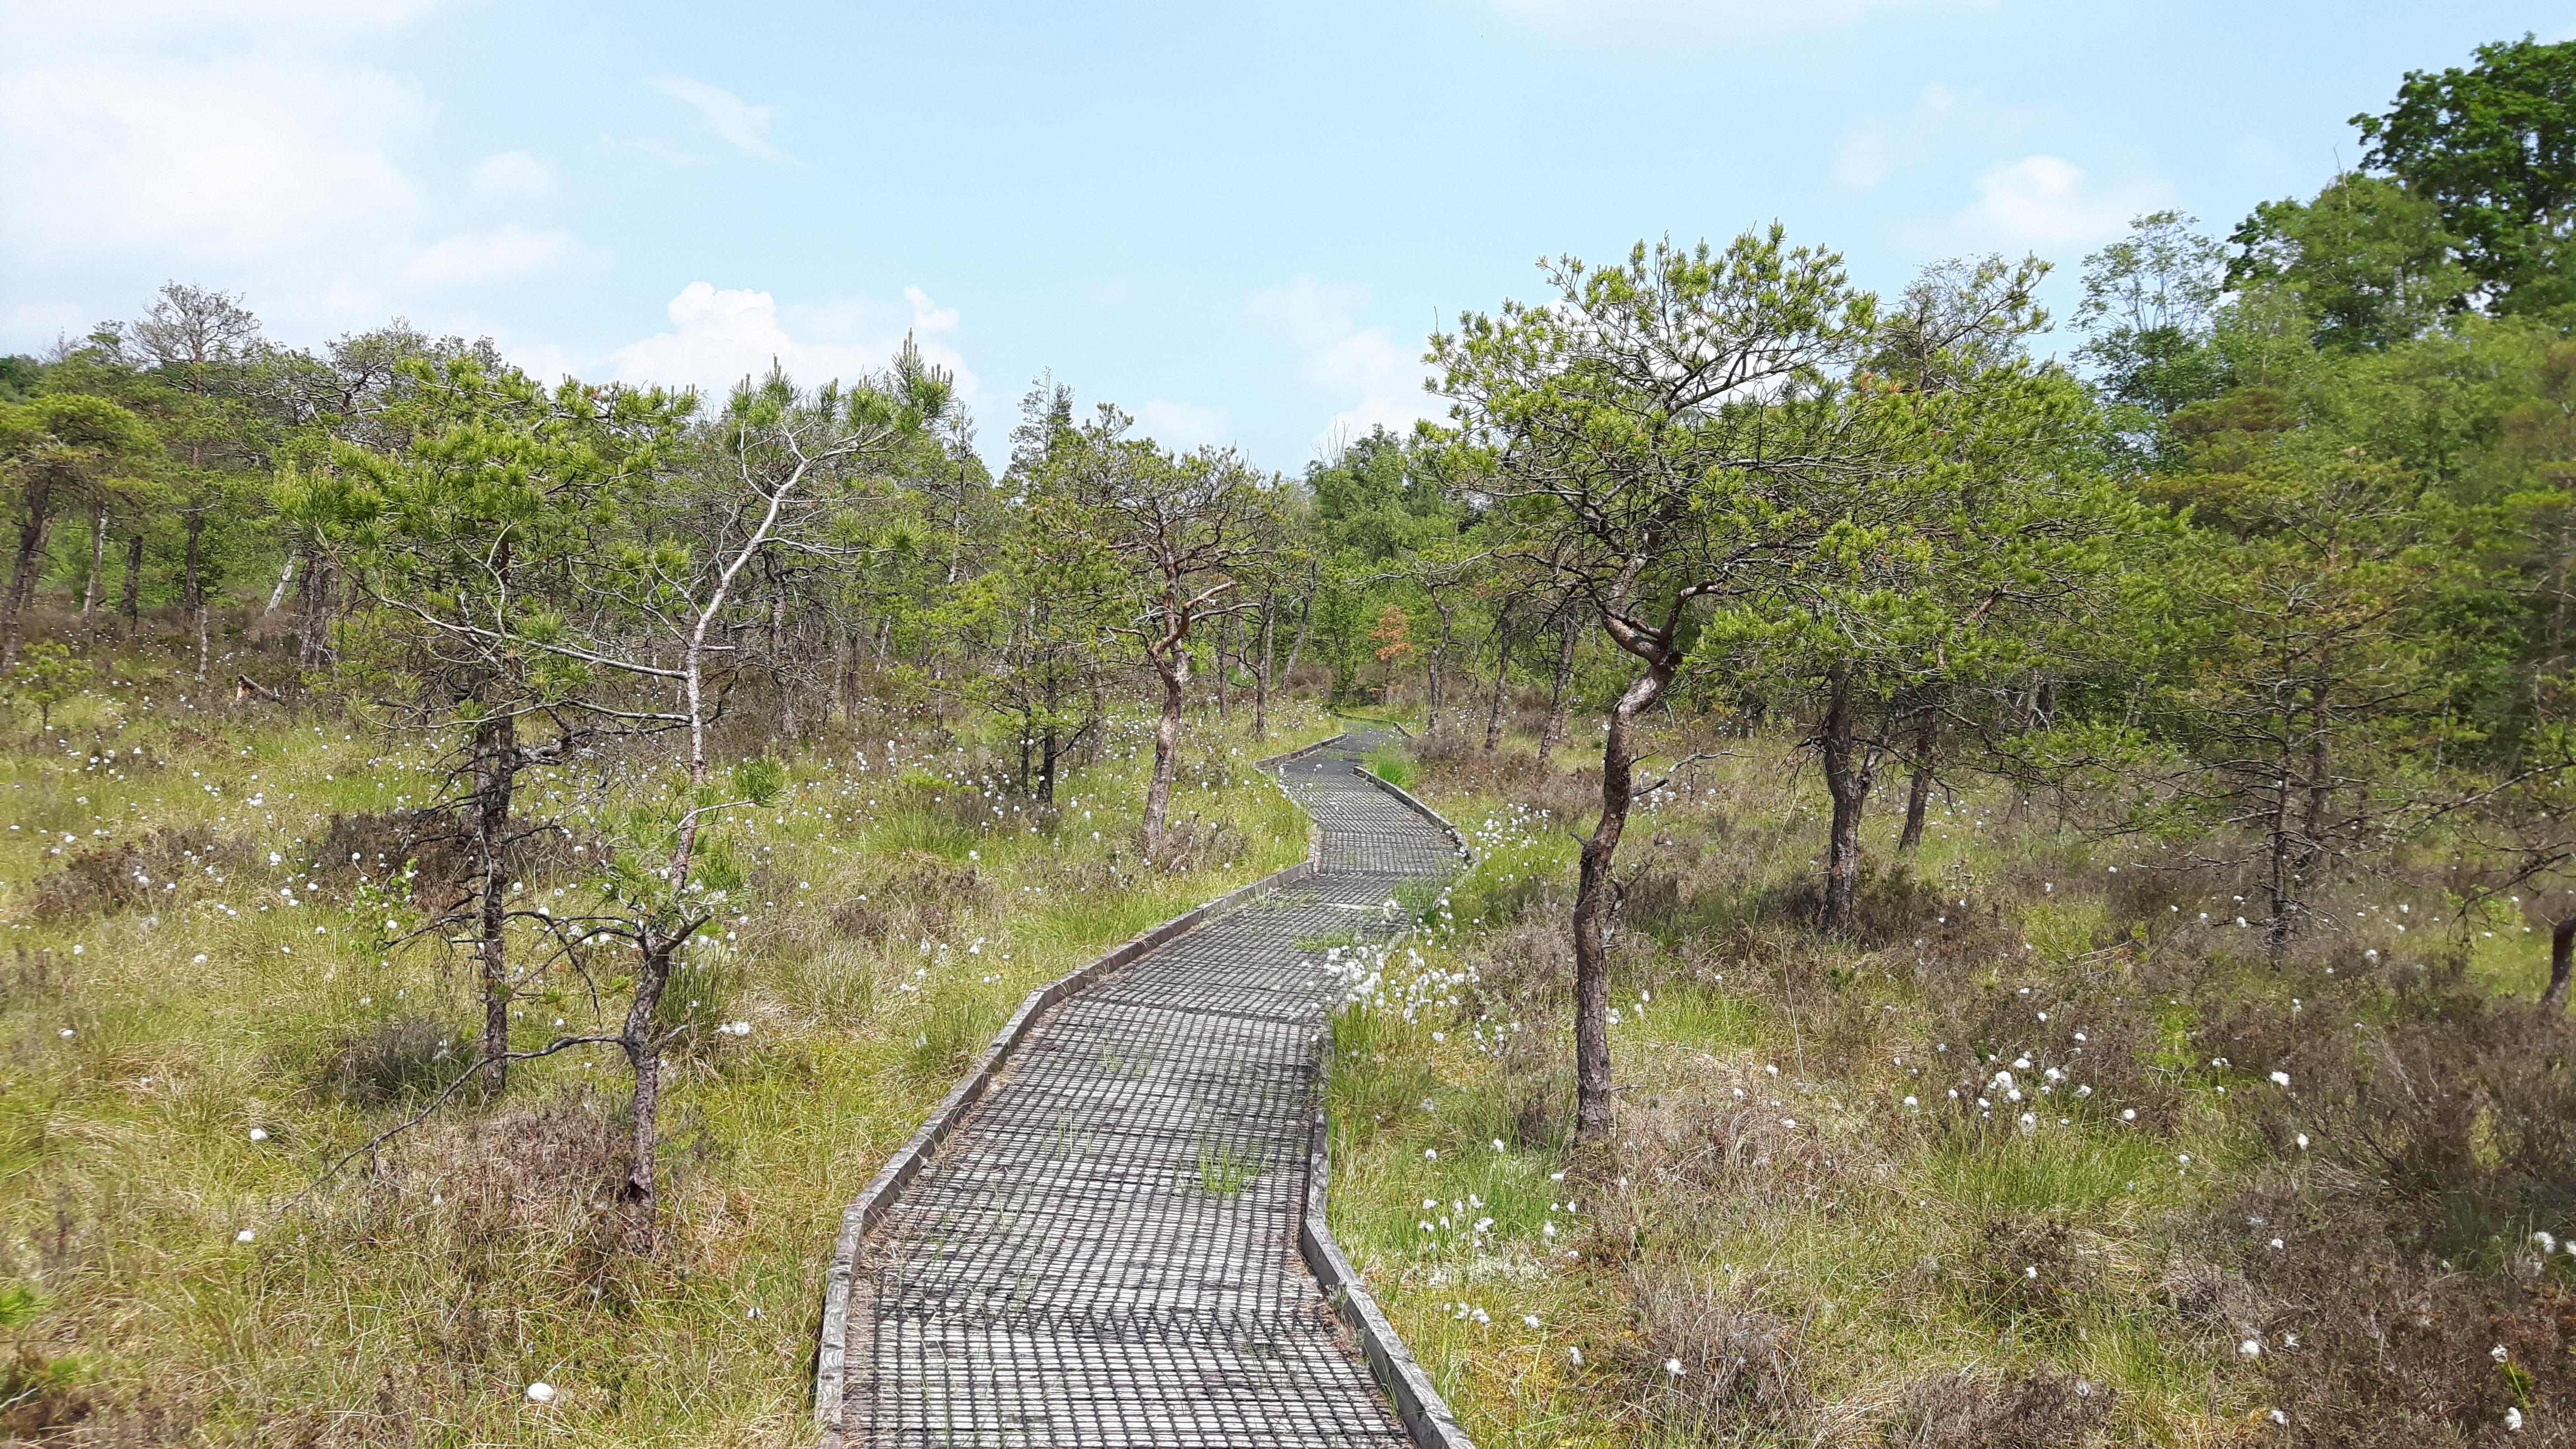 ynyslas nature reserve case study